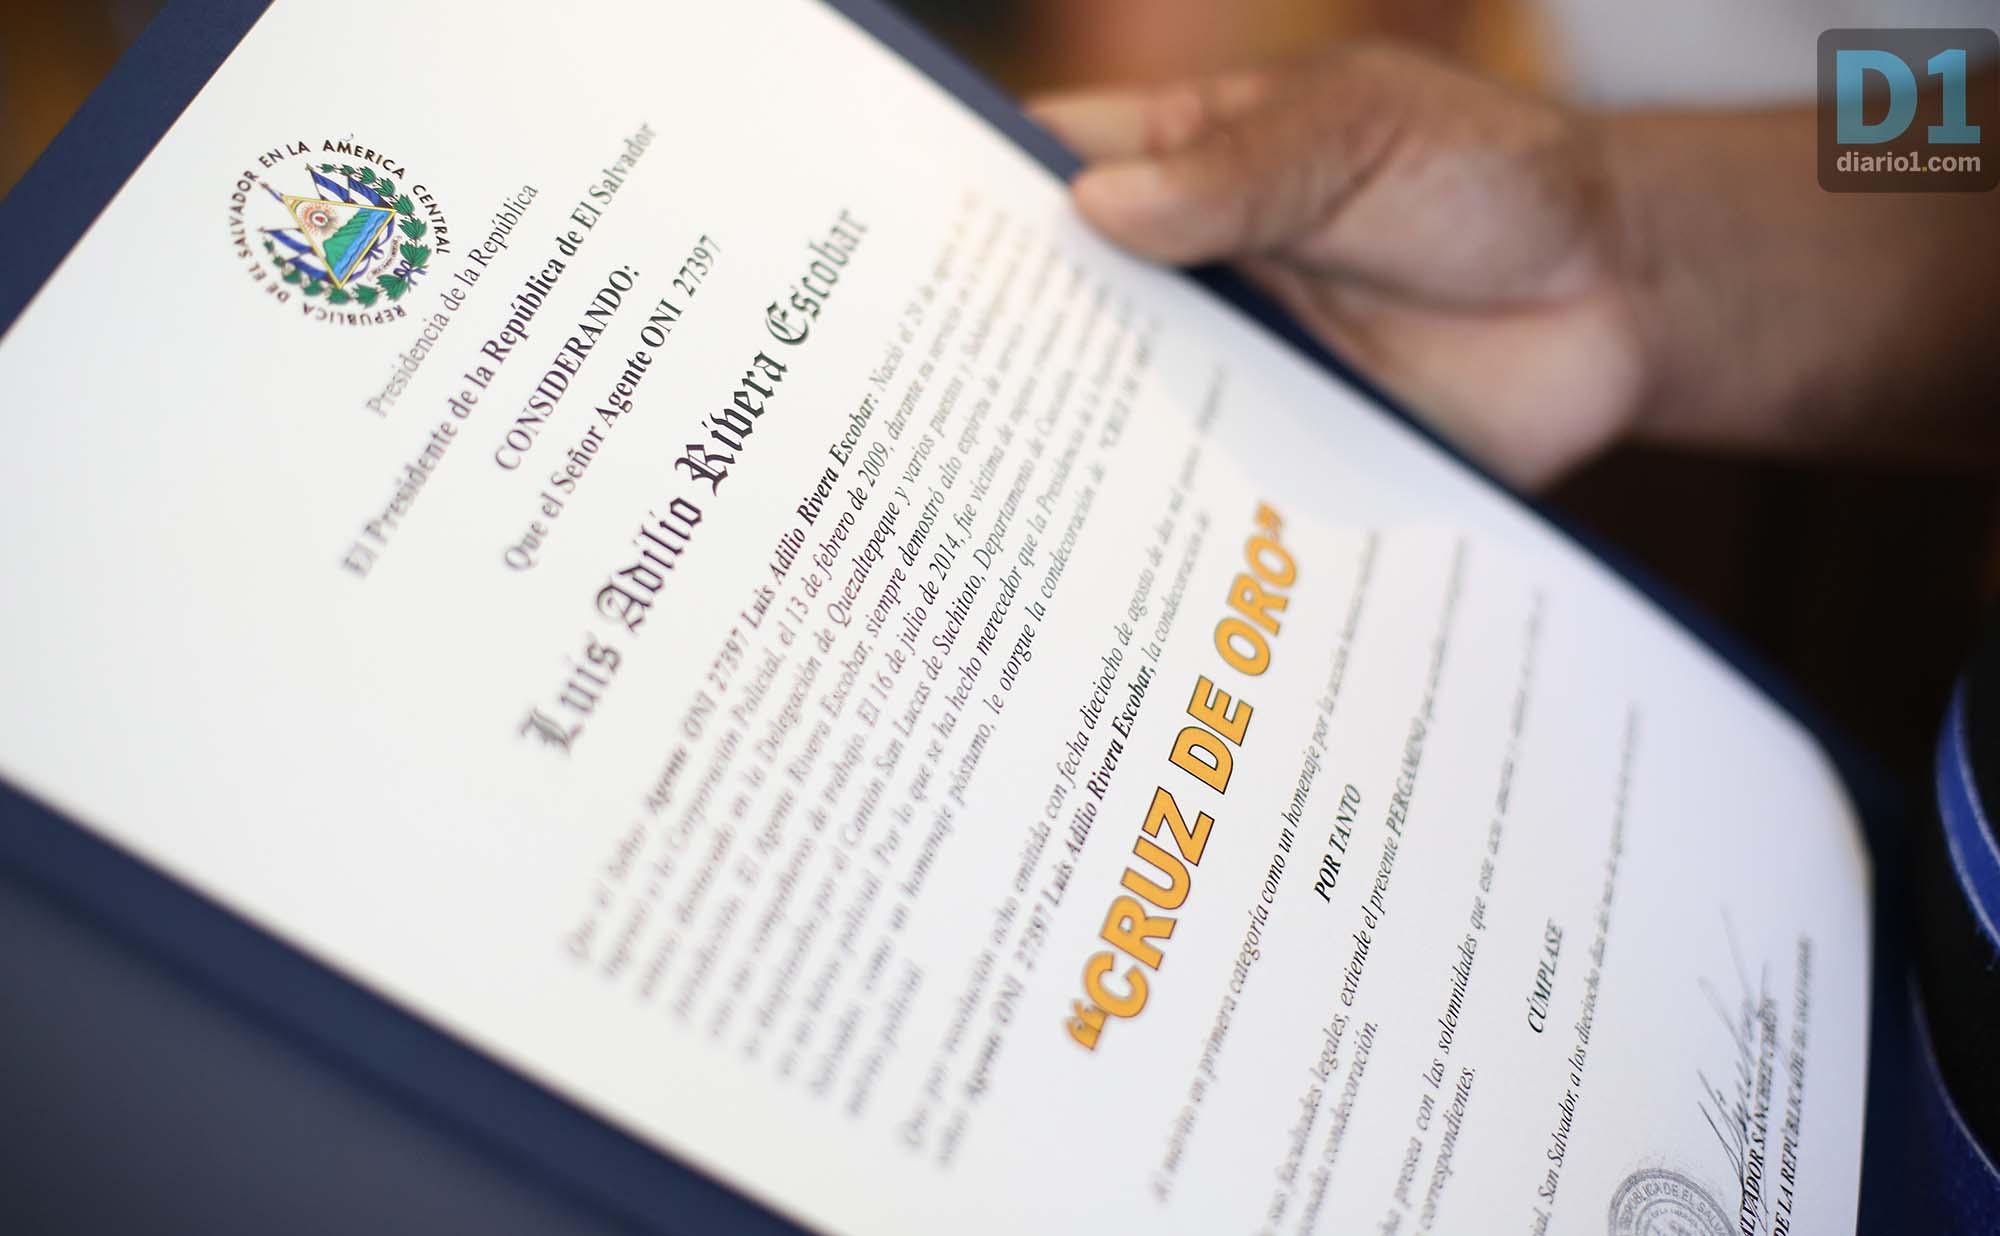 Diploma que el presidente Sánchez Cerén entregó a familiares de policías asesinados, en las manos de una hija huérfana. Foto: D1. Nelson Dueñas.